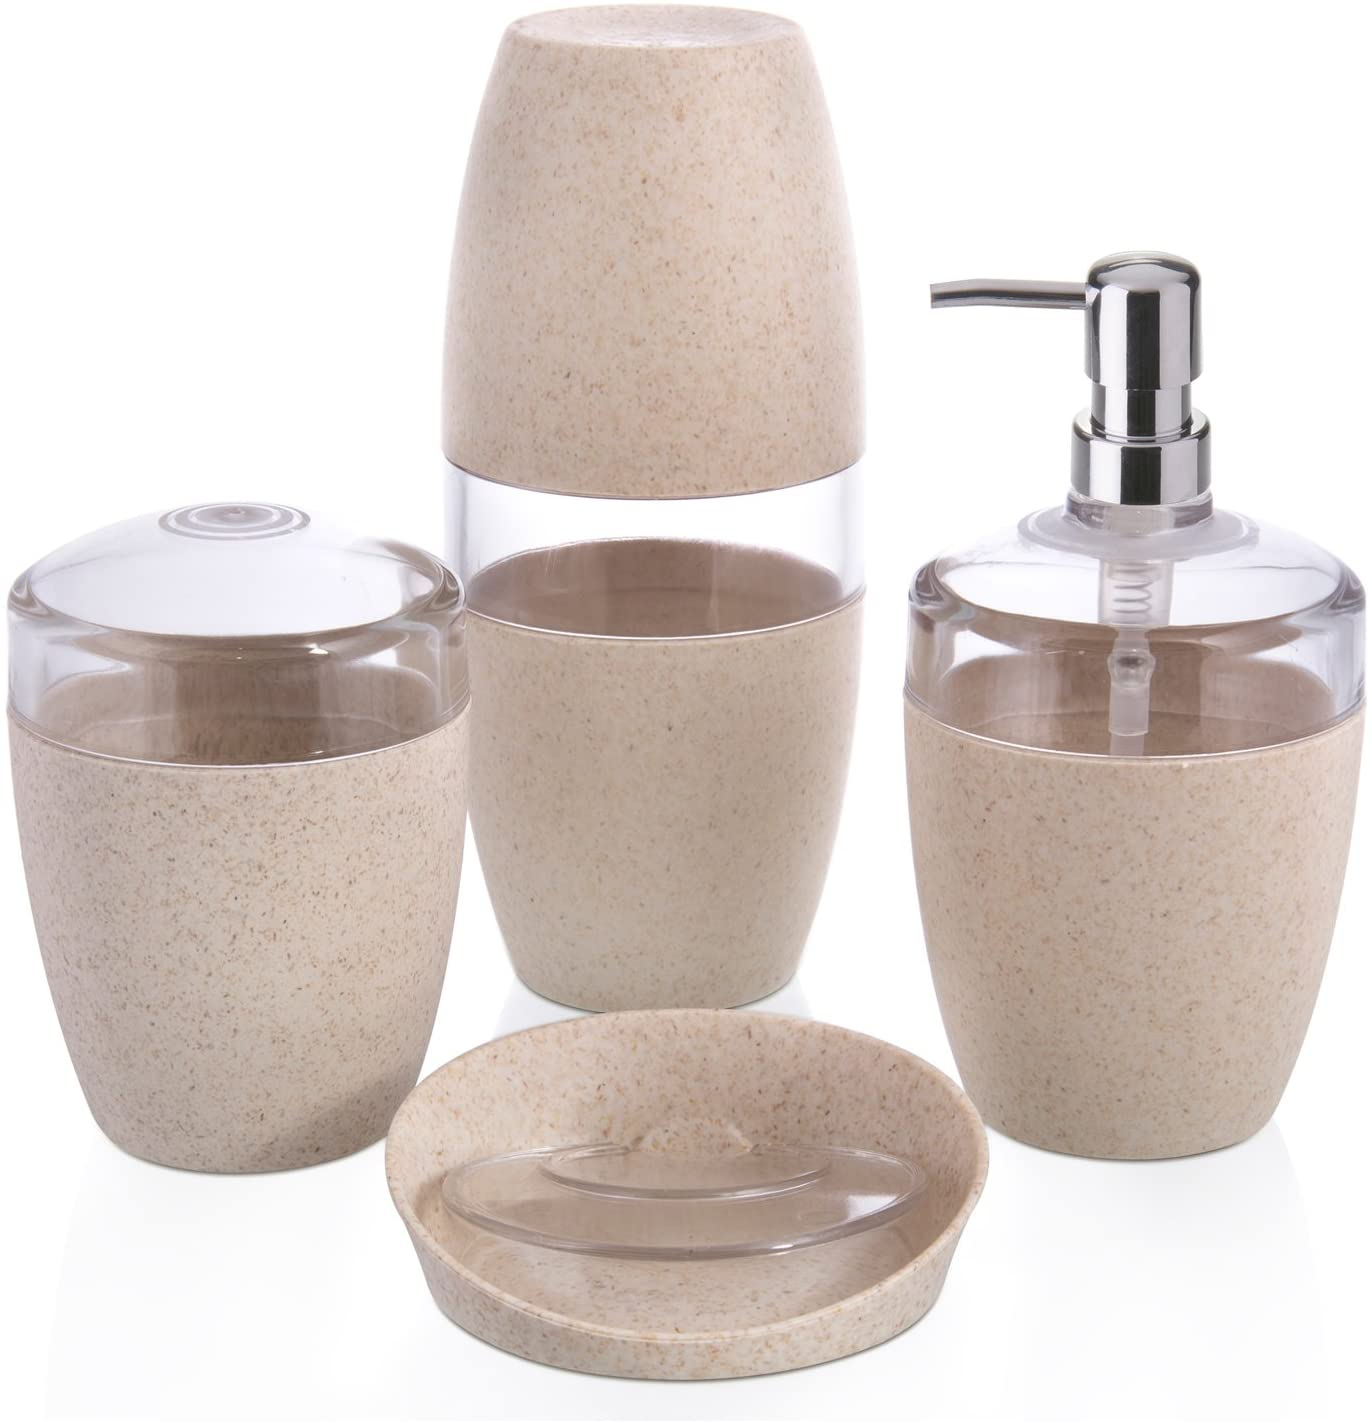 Conjunto pra Banheiro Eco Marfim <ou> 4 Peças Fibra Natural